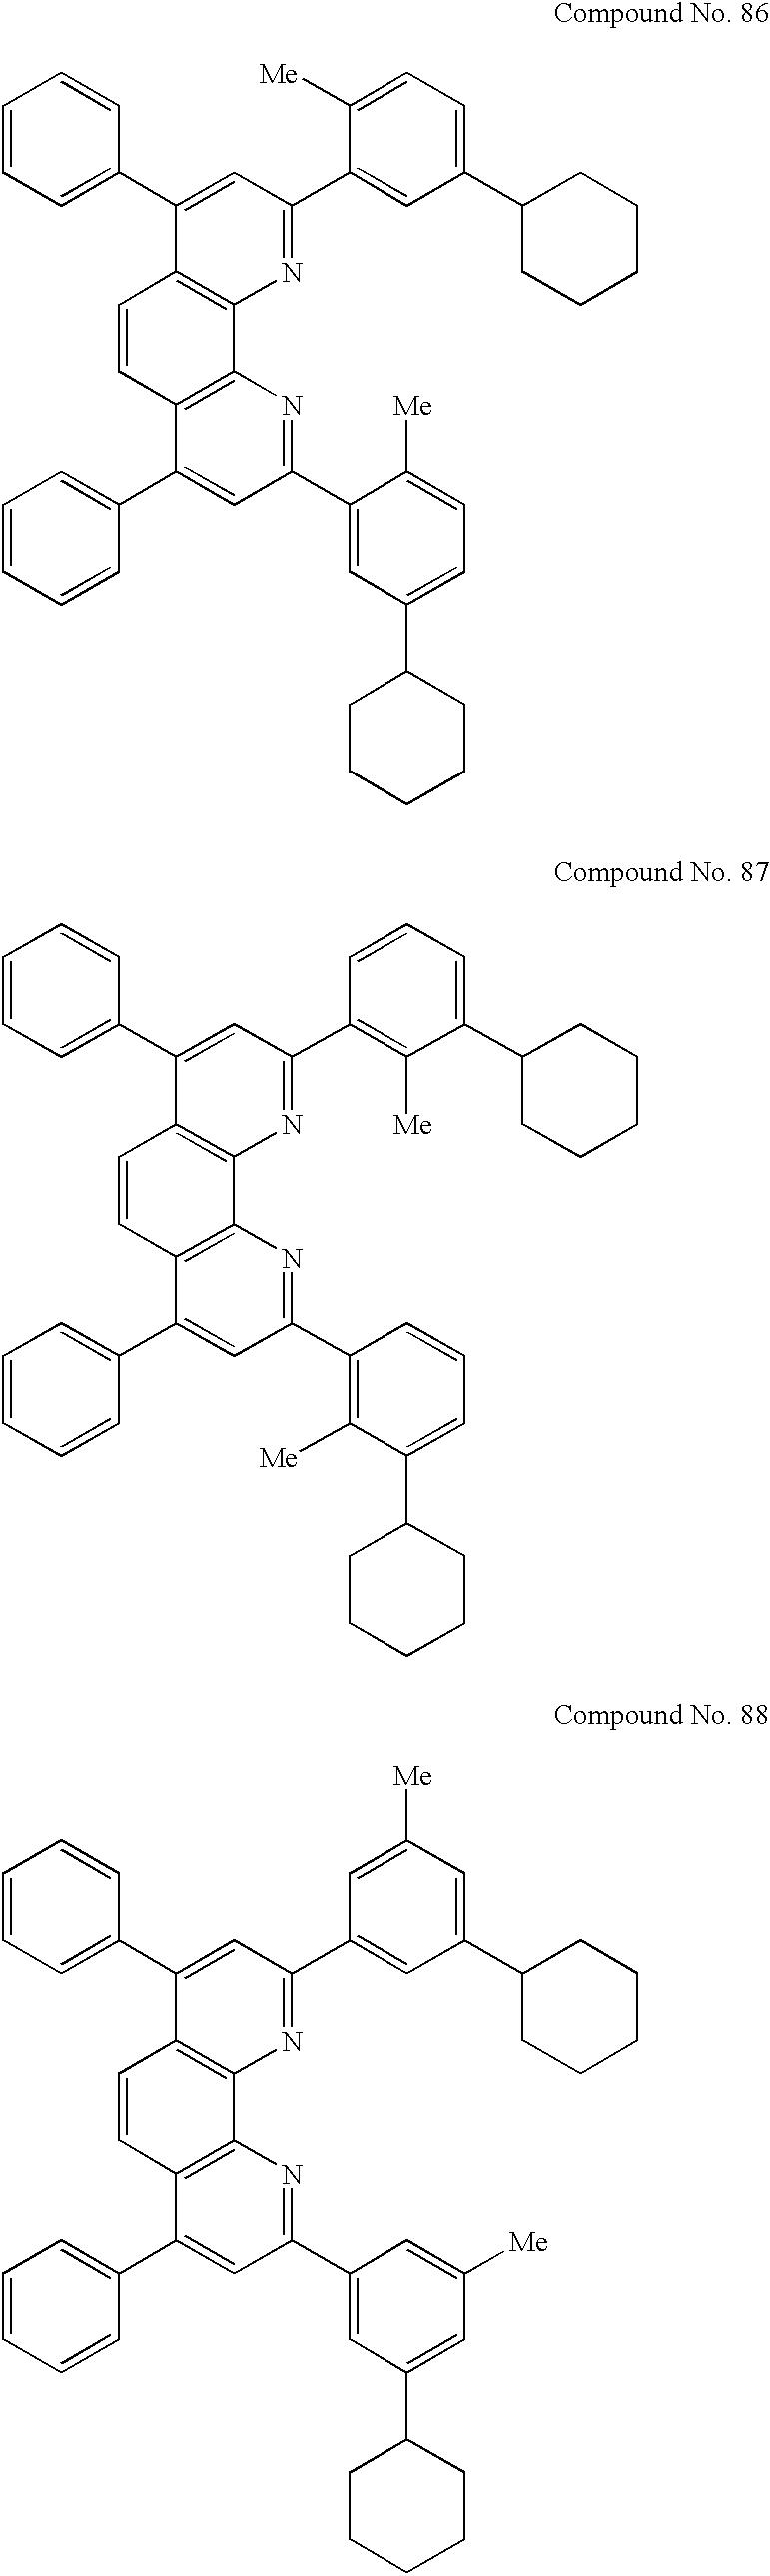 Figure US06524728-20030225-C00025